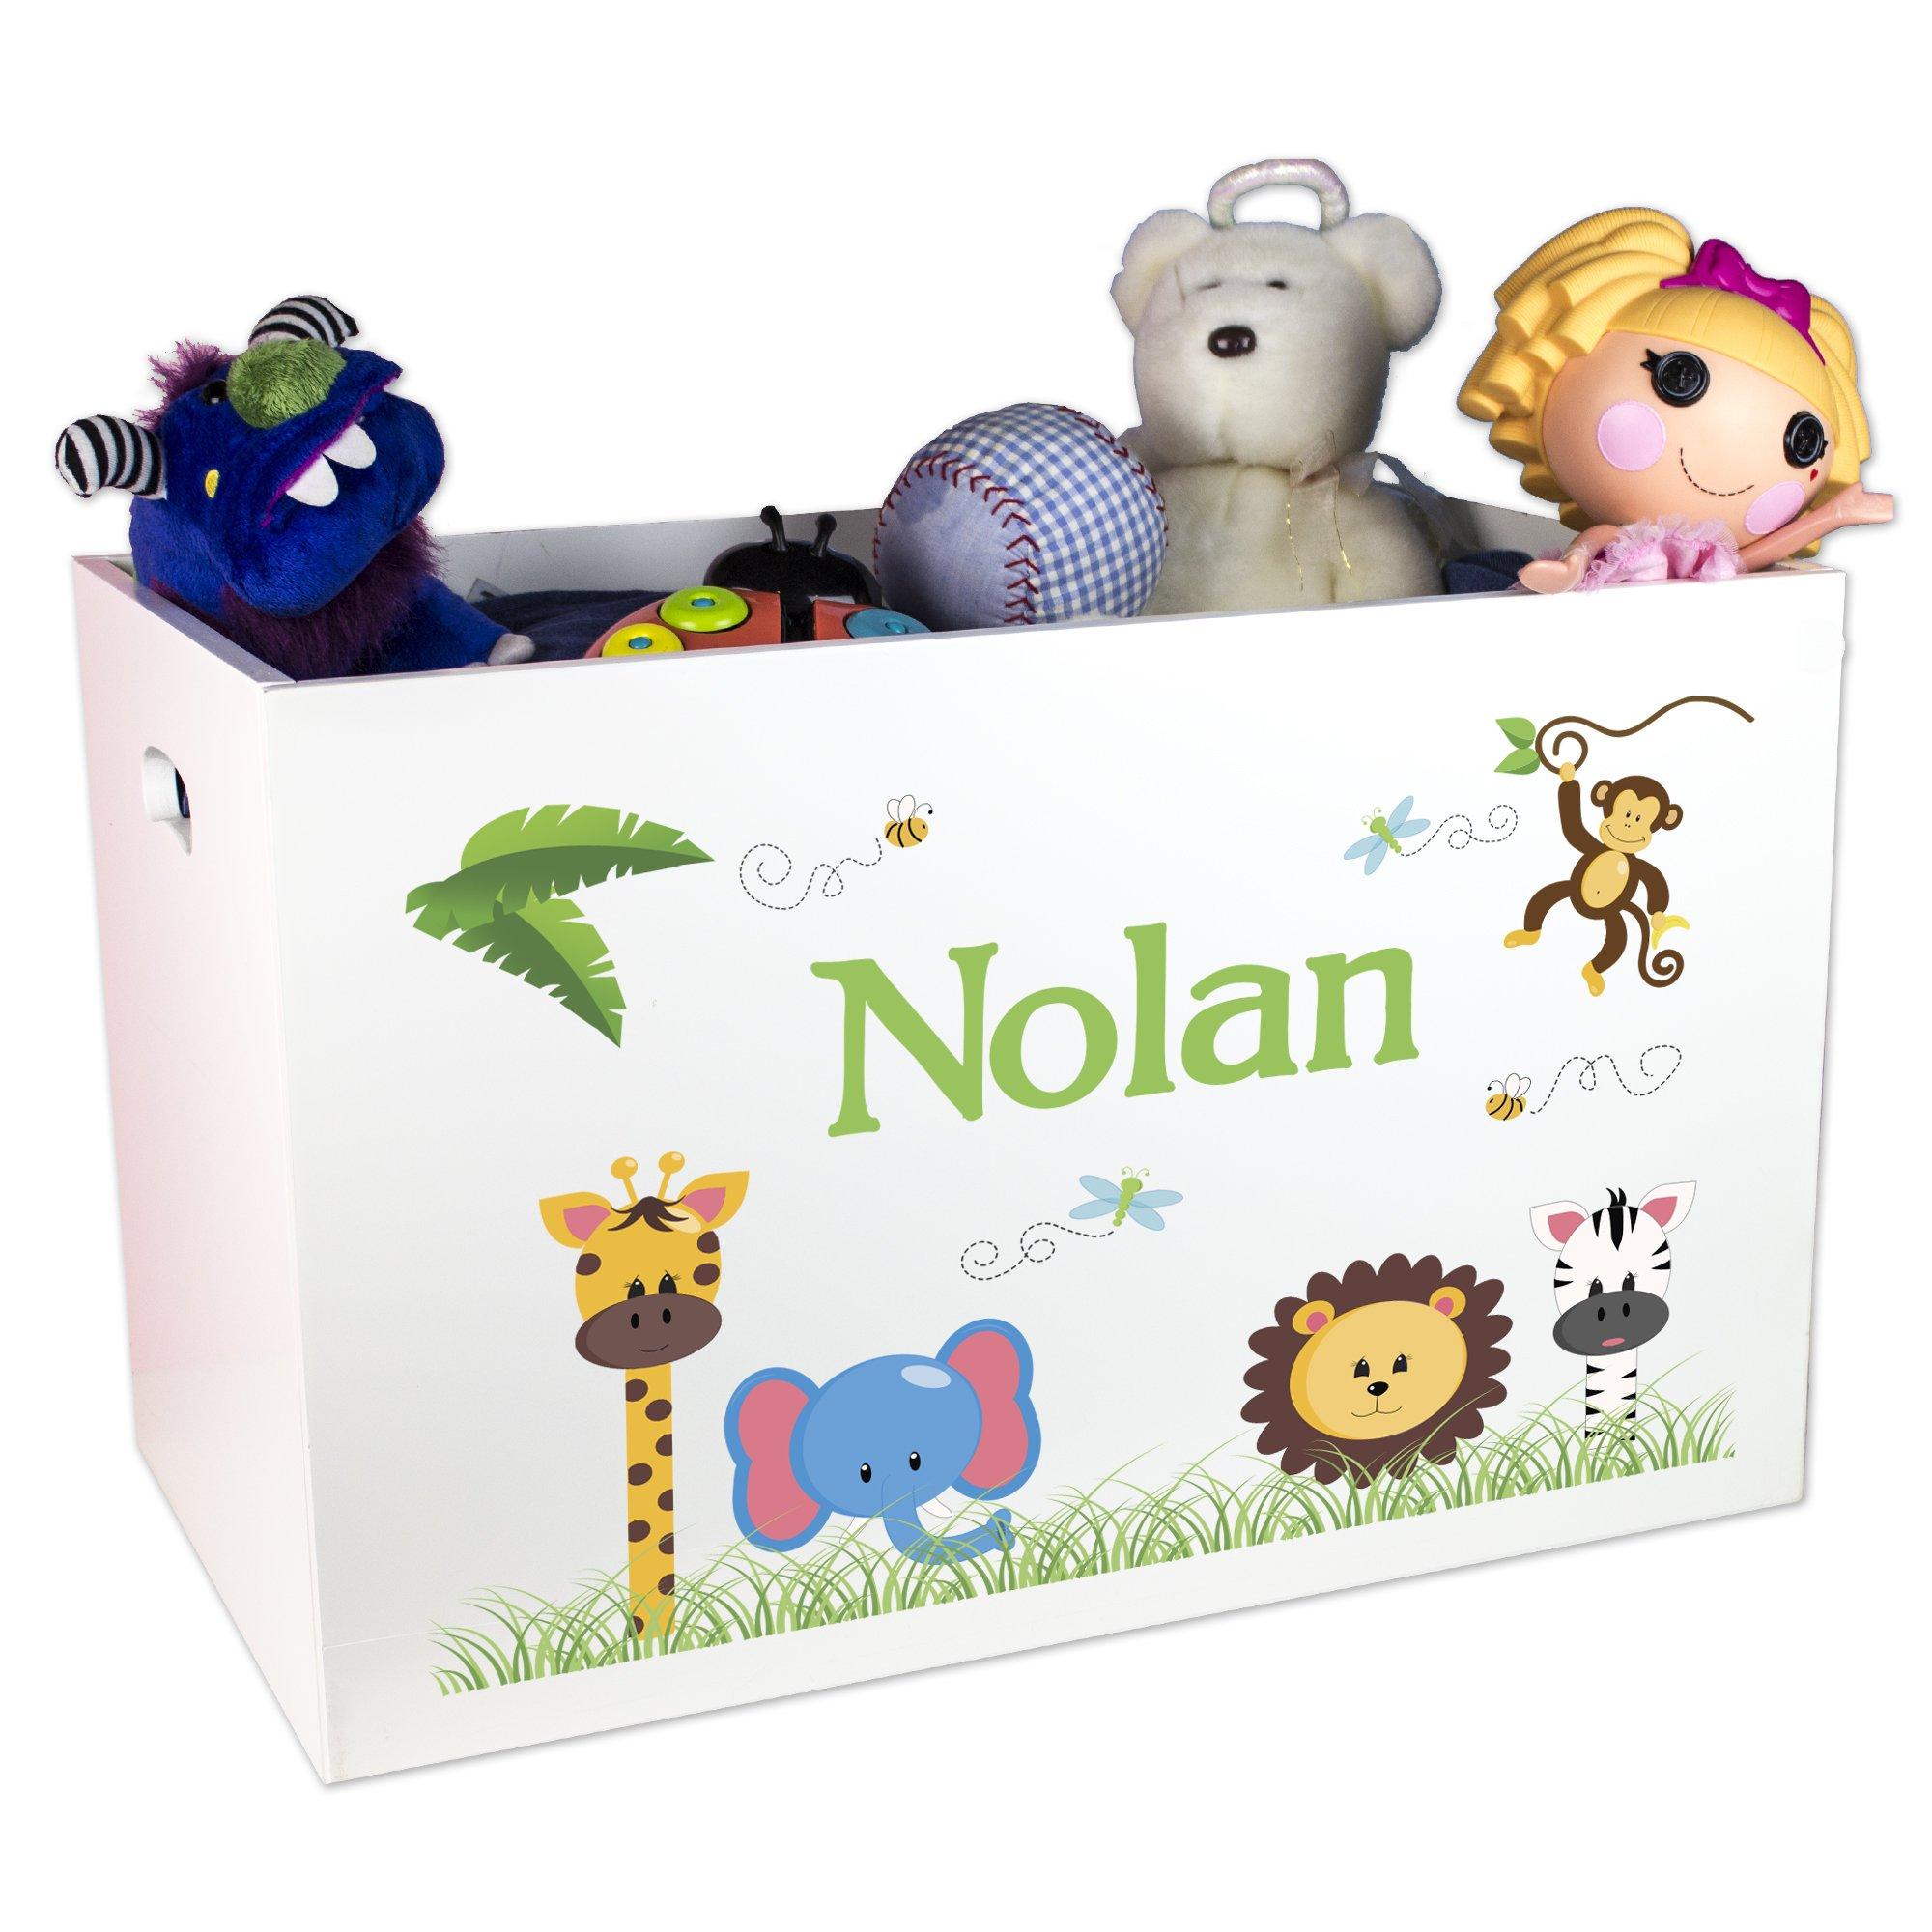 MyBambino Boy's Personalized Jungle Animal Toy Box by MyBambino